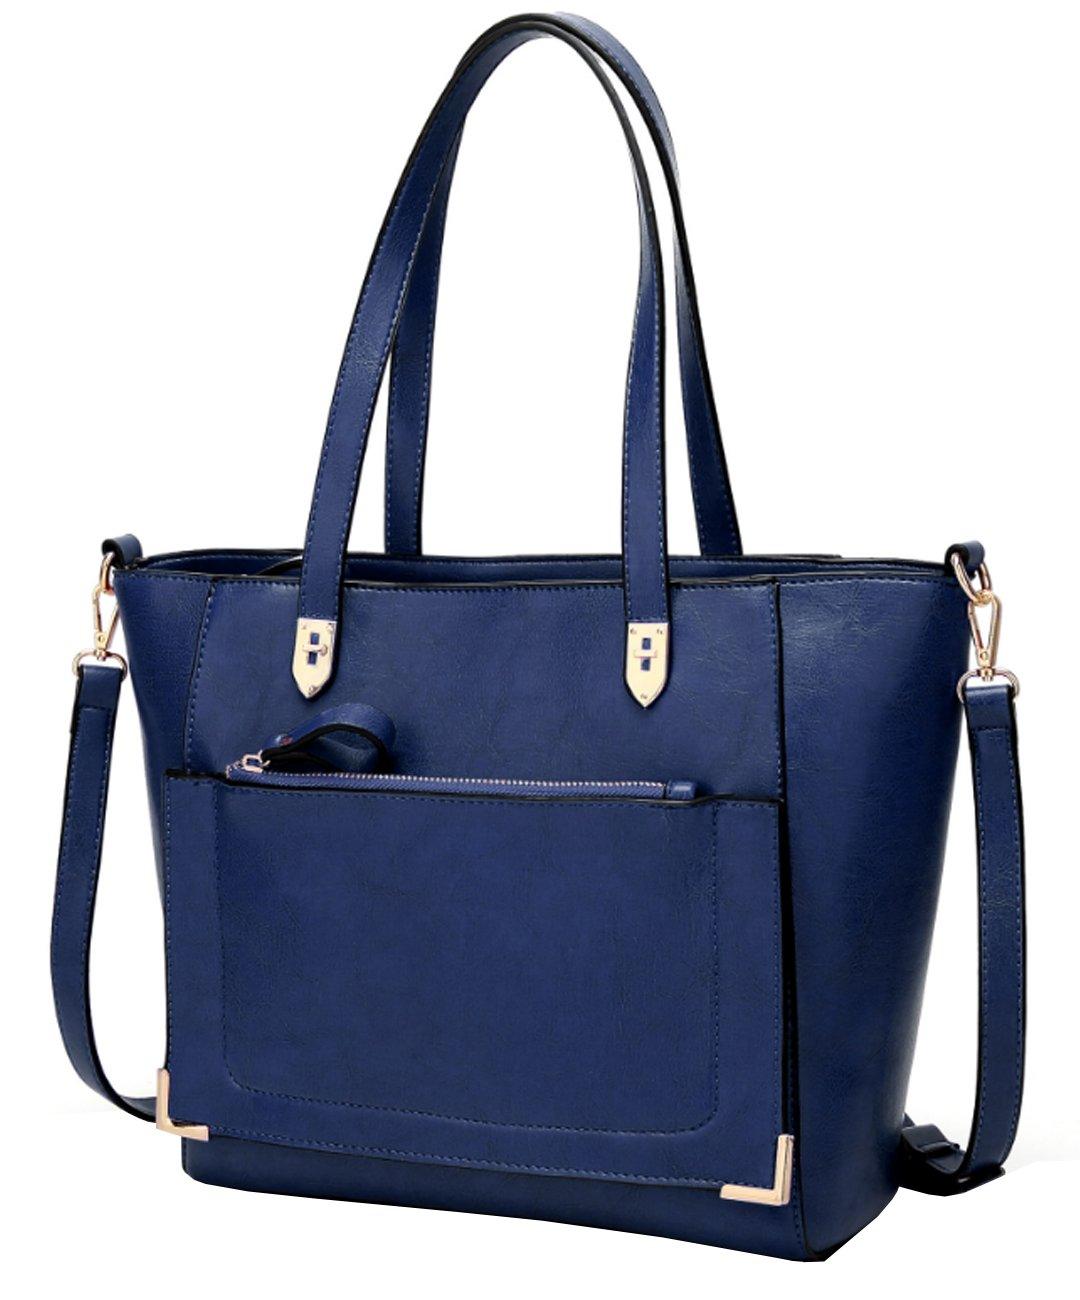 Women's Vintage Fine Fibre Genuine Leather Bag Tote Shoulder Bag Handbag Model Cronos Blue Dark